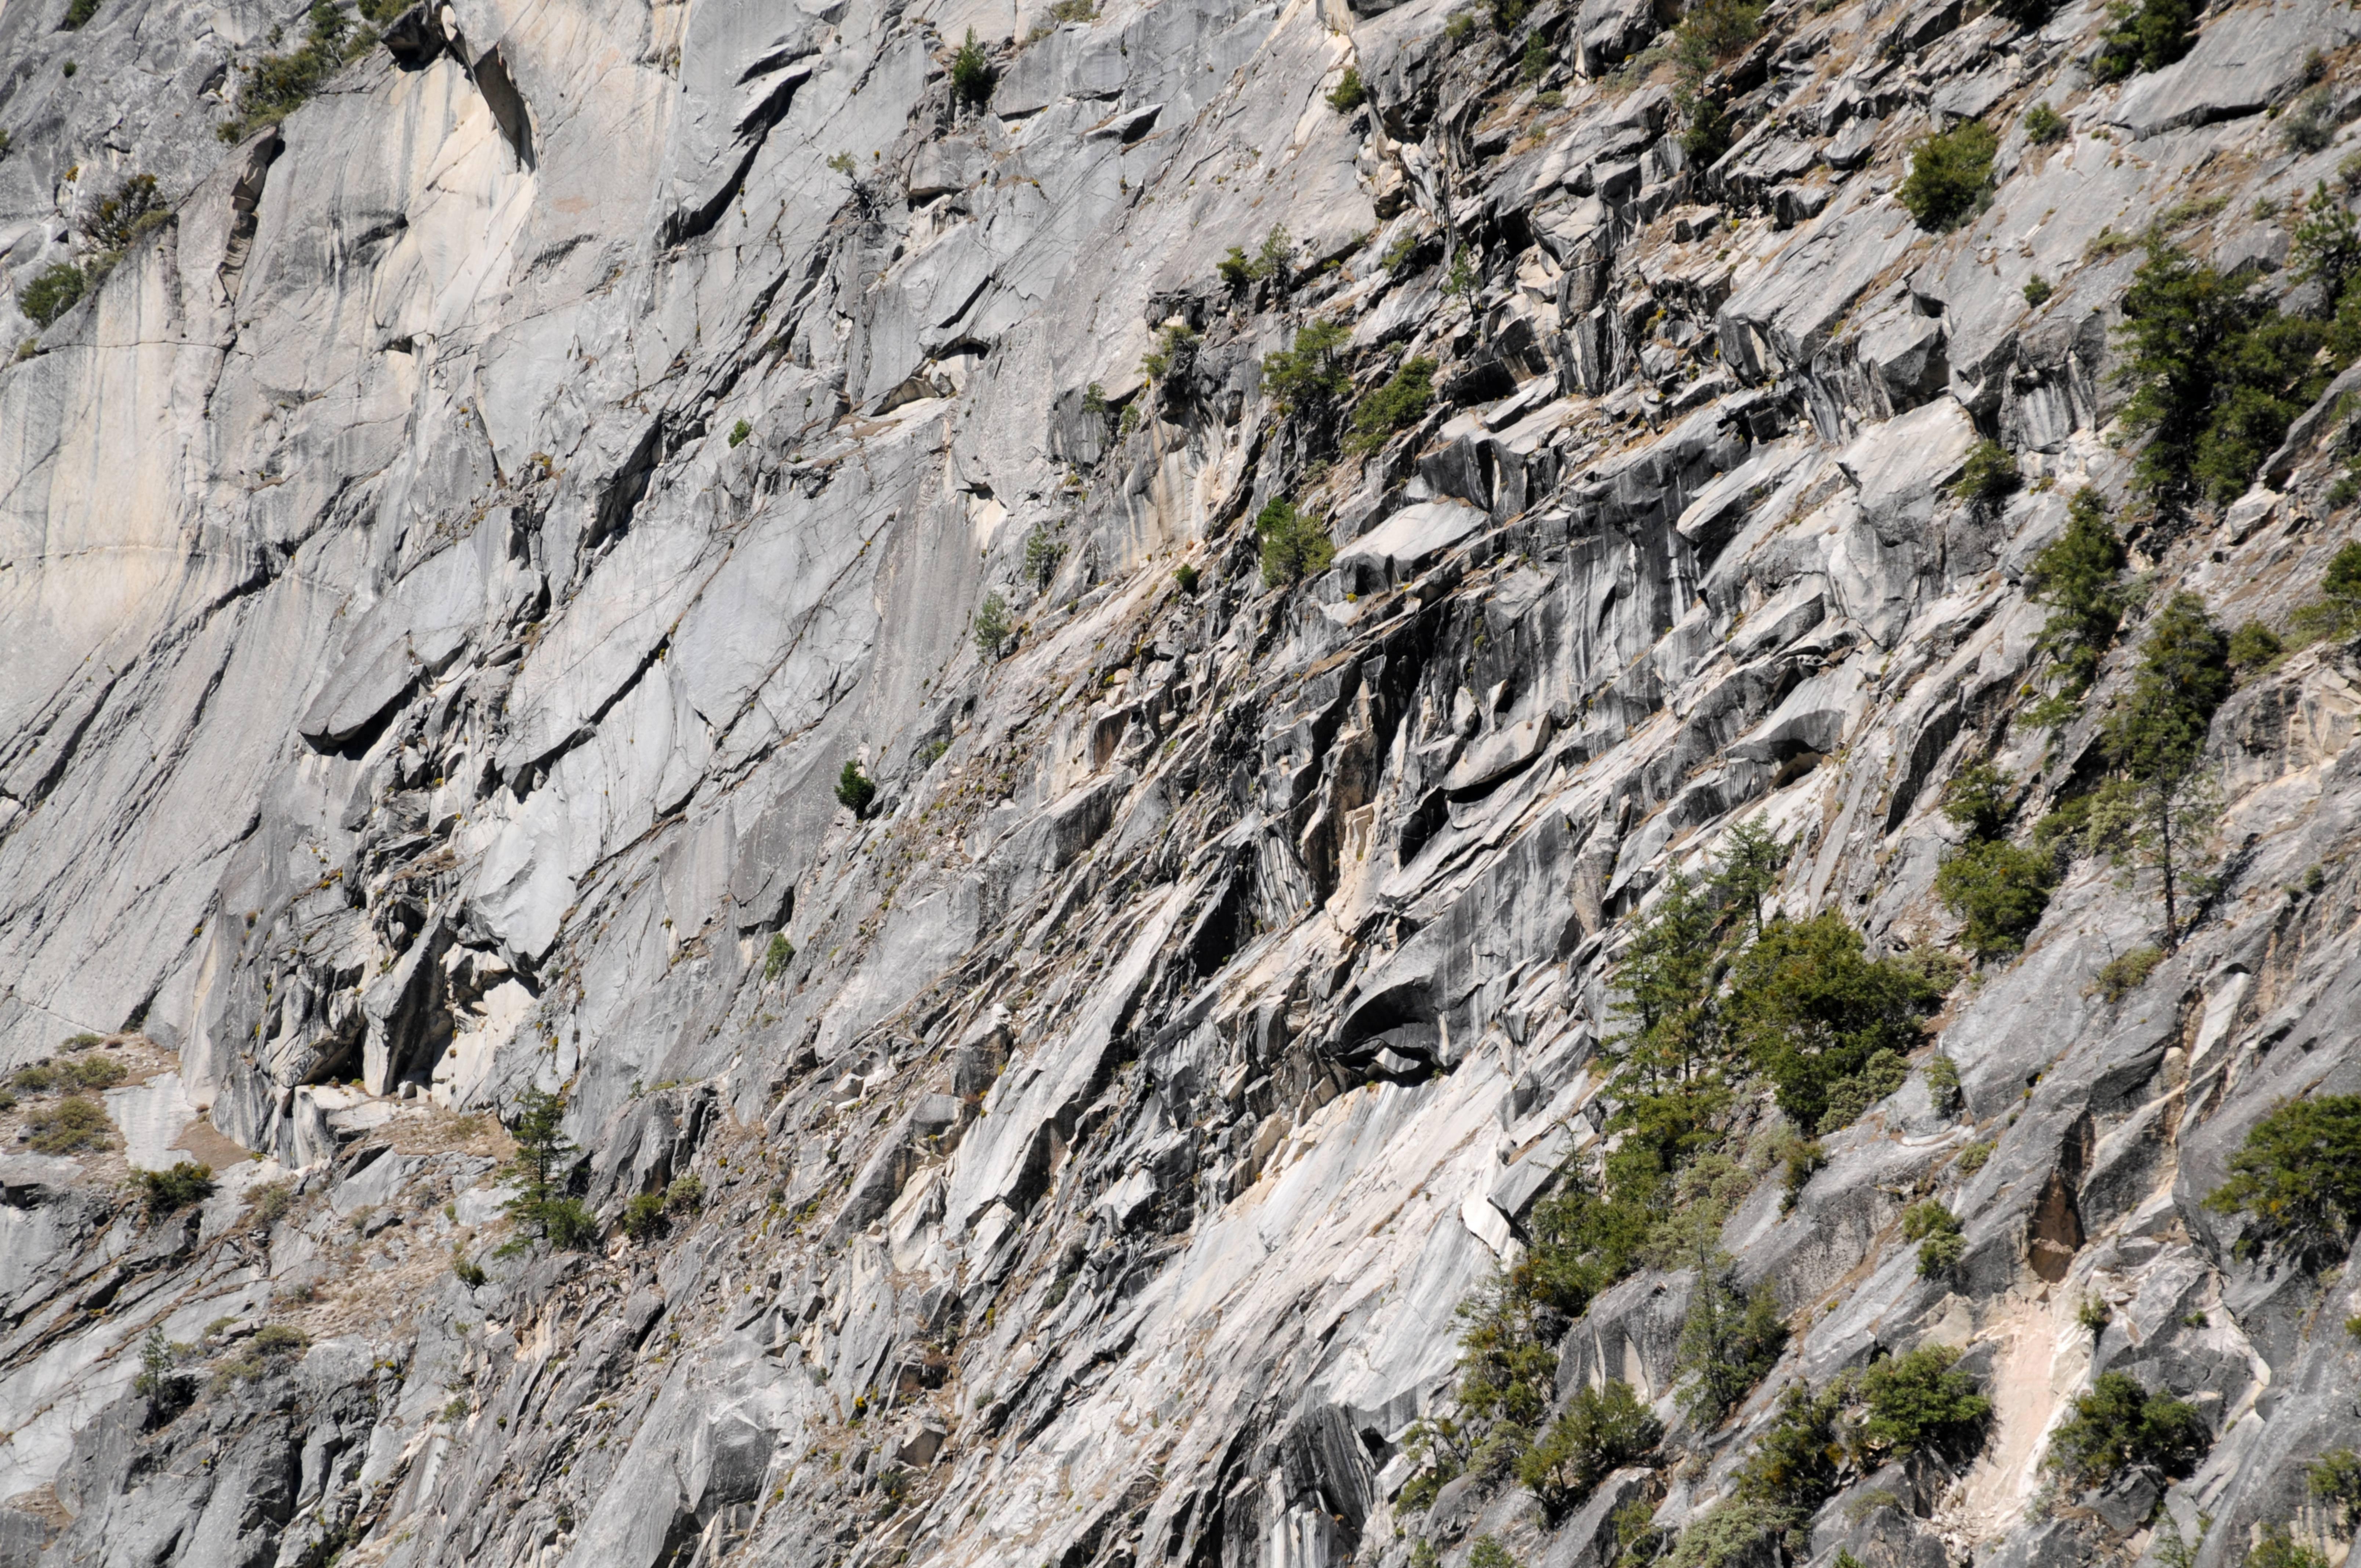 Yosemite mountain wall